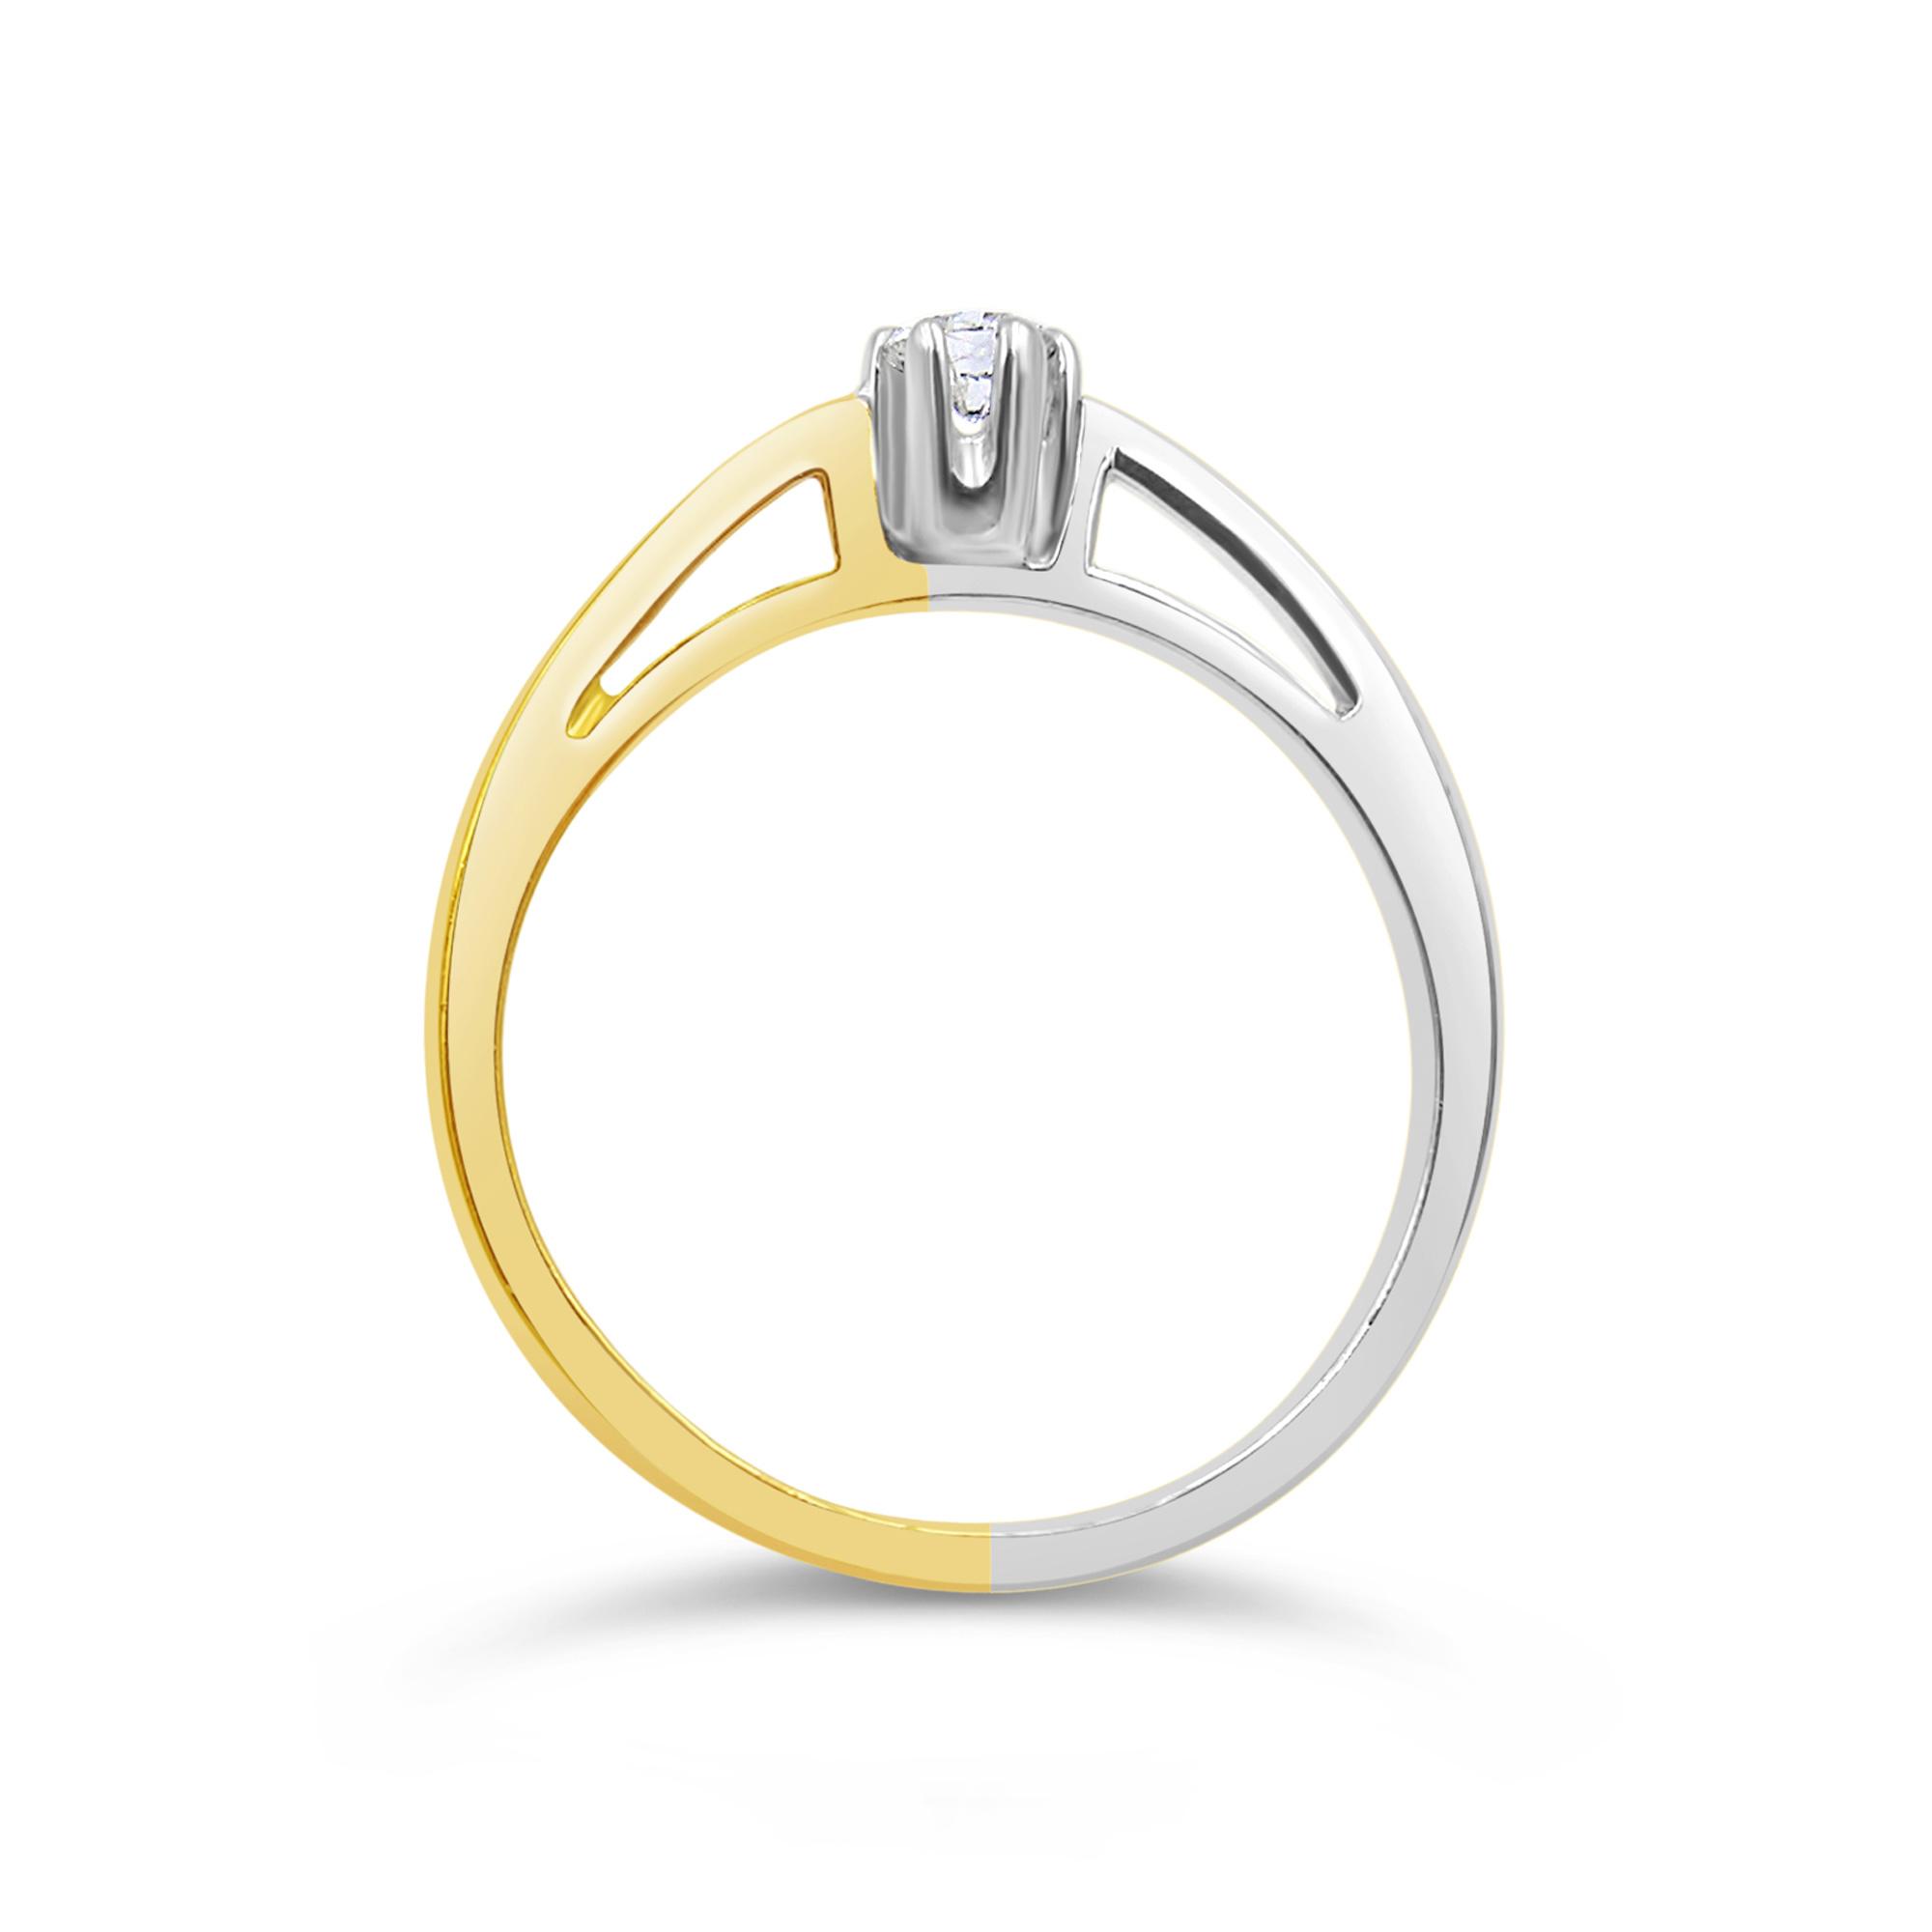 18kt geel & wit goud verlovingsring met 0.15 ct diamant